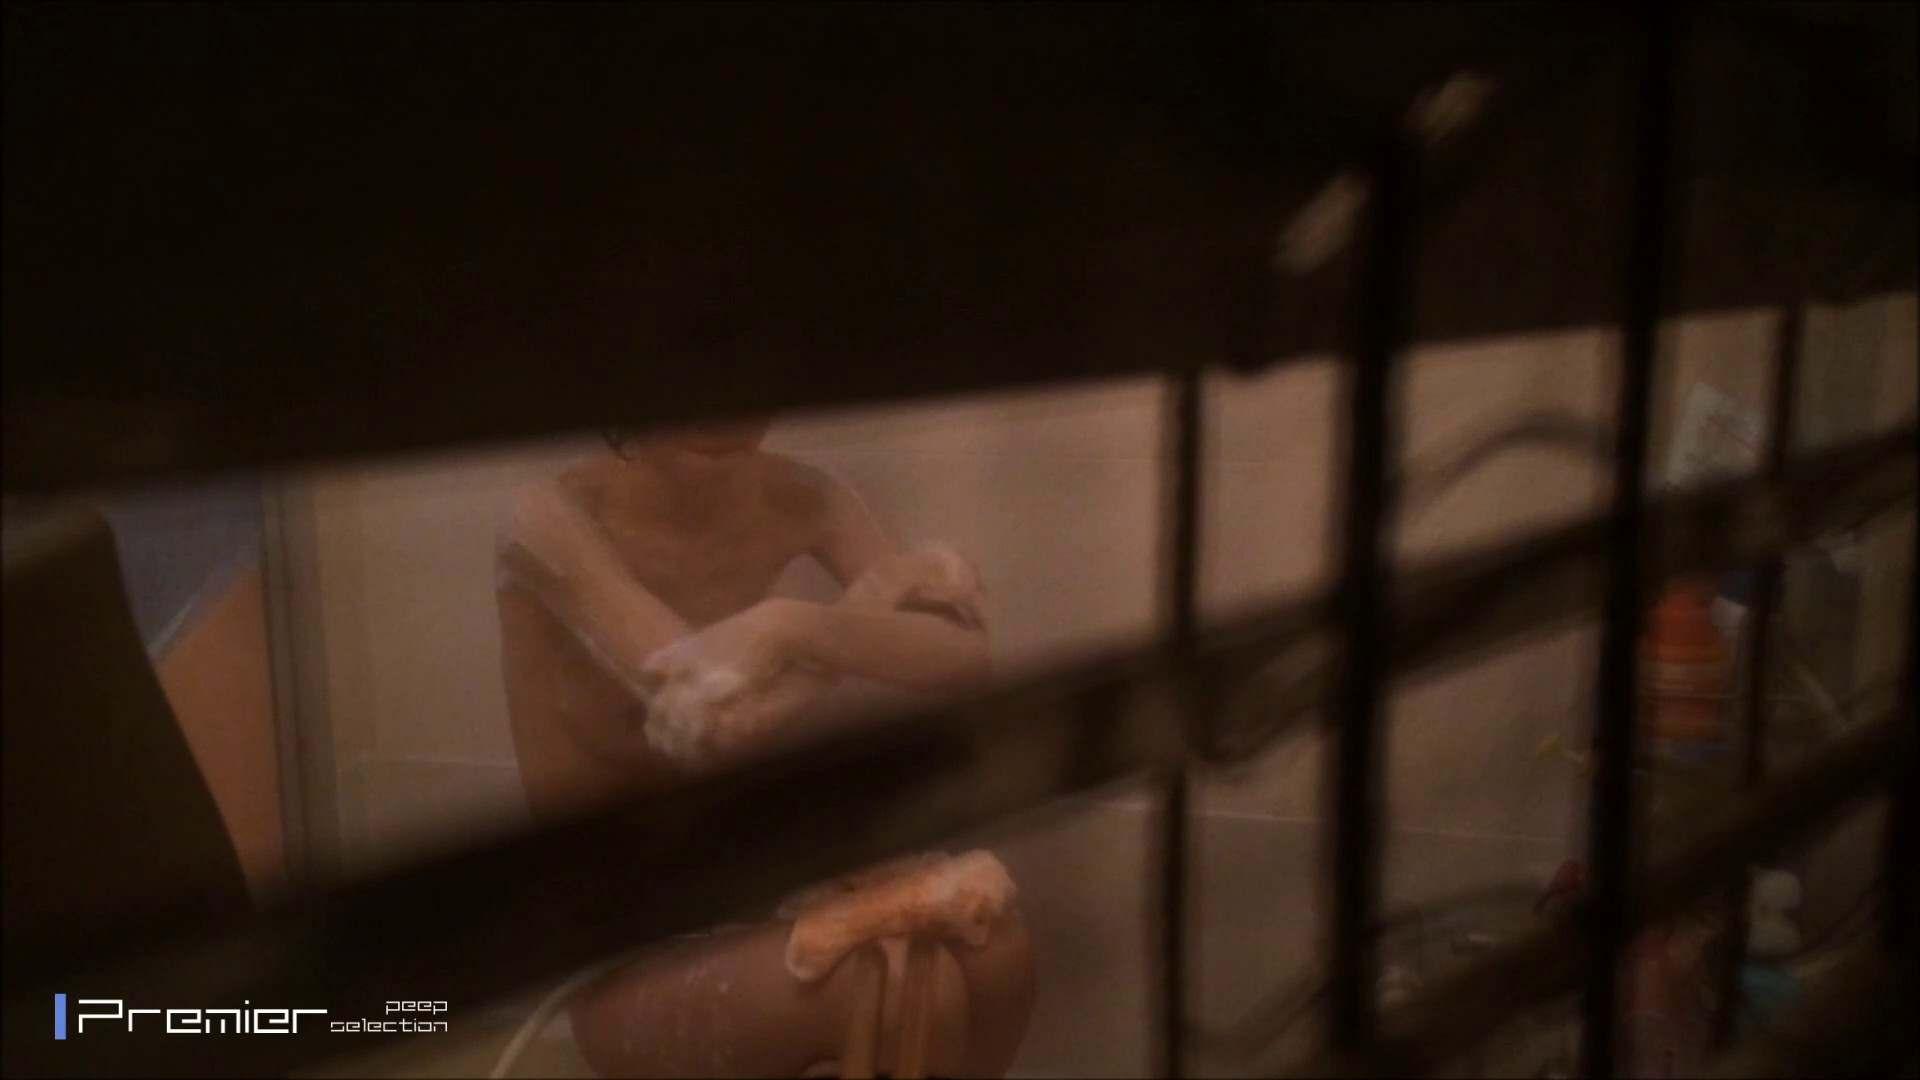 高画質フルハイビジョン スレンダー美女の入浴 乙女の風呂場 Vol.04 OLハメ撮り  94Pix 57